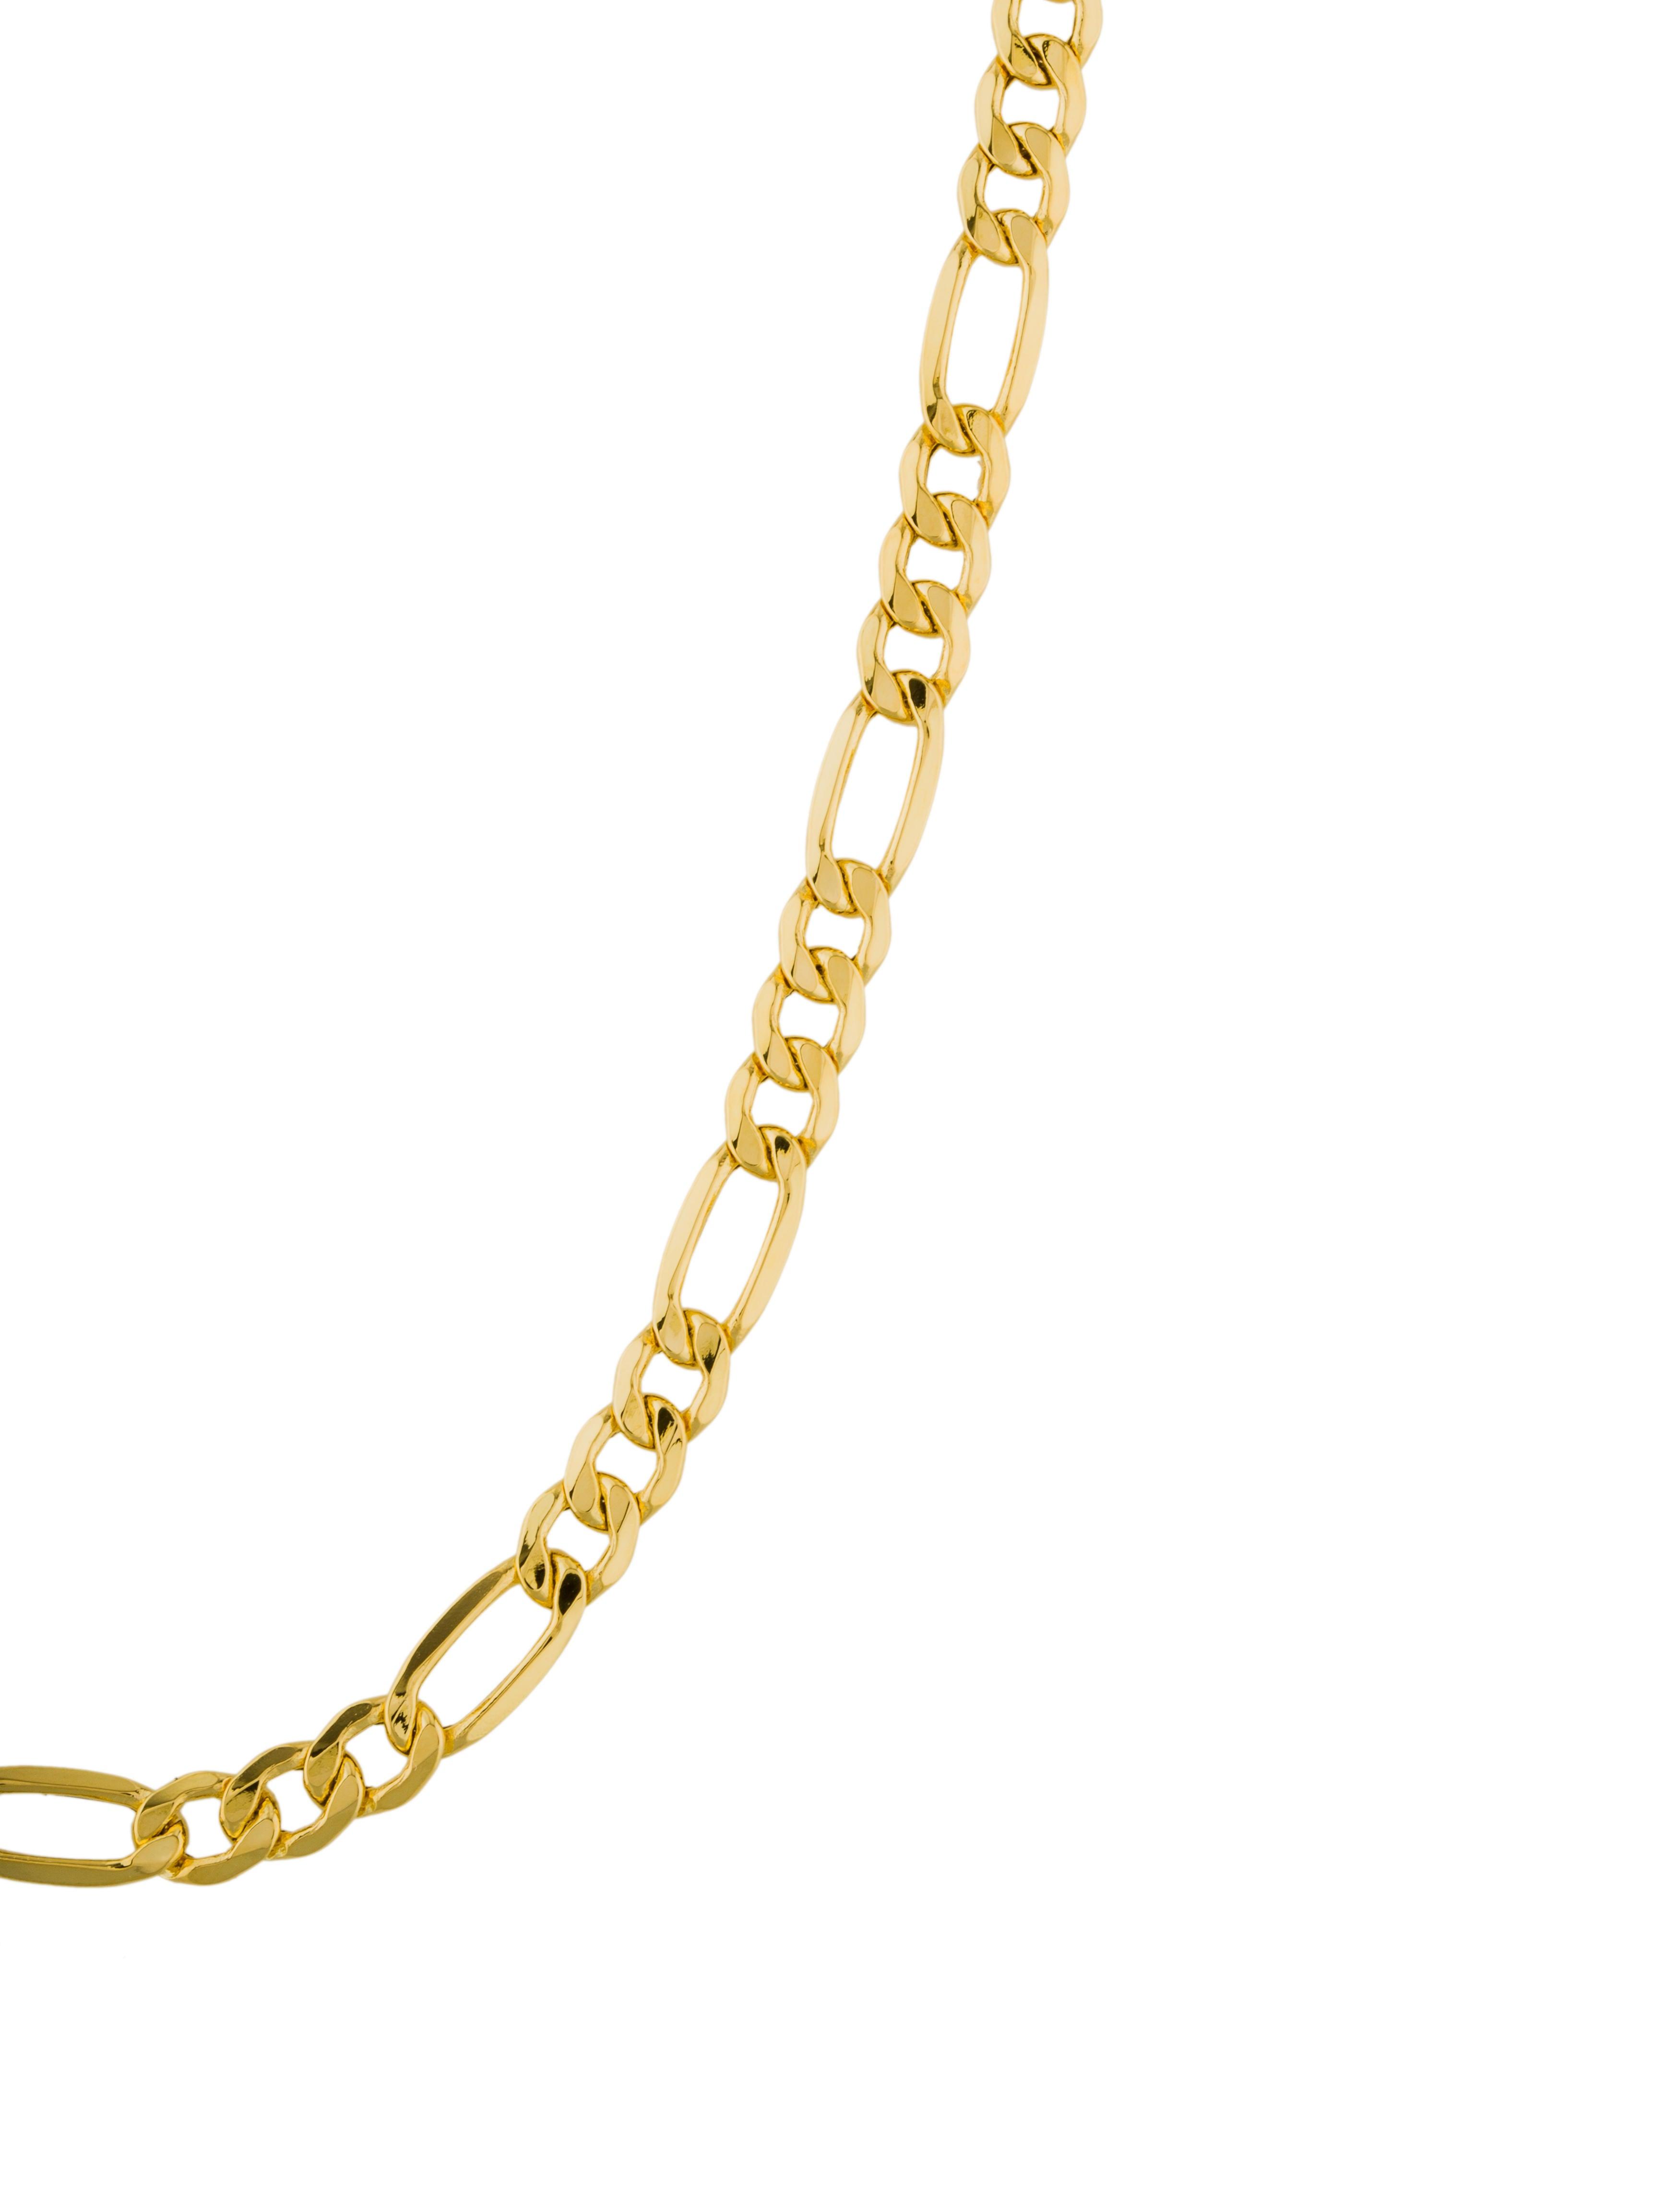 18k figaro chain link necklace necklaces neckl32007. Black Bedroom Furniture Sets. Home Design Ideas